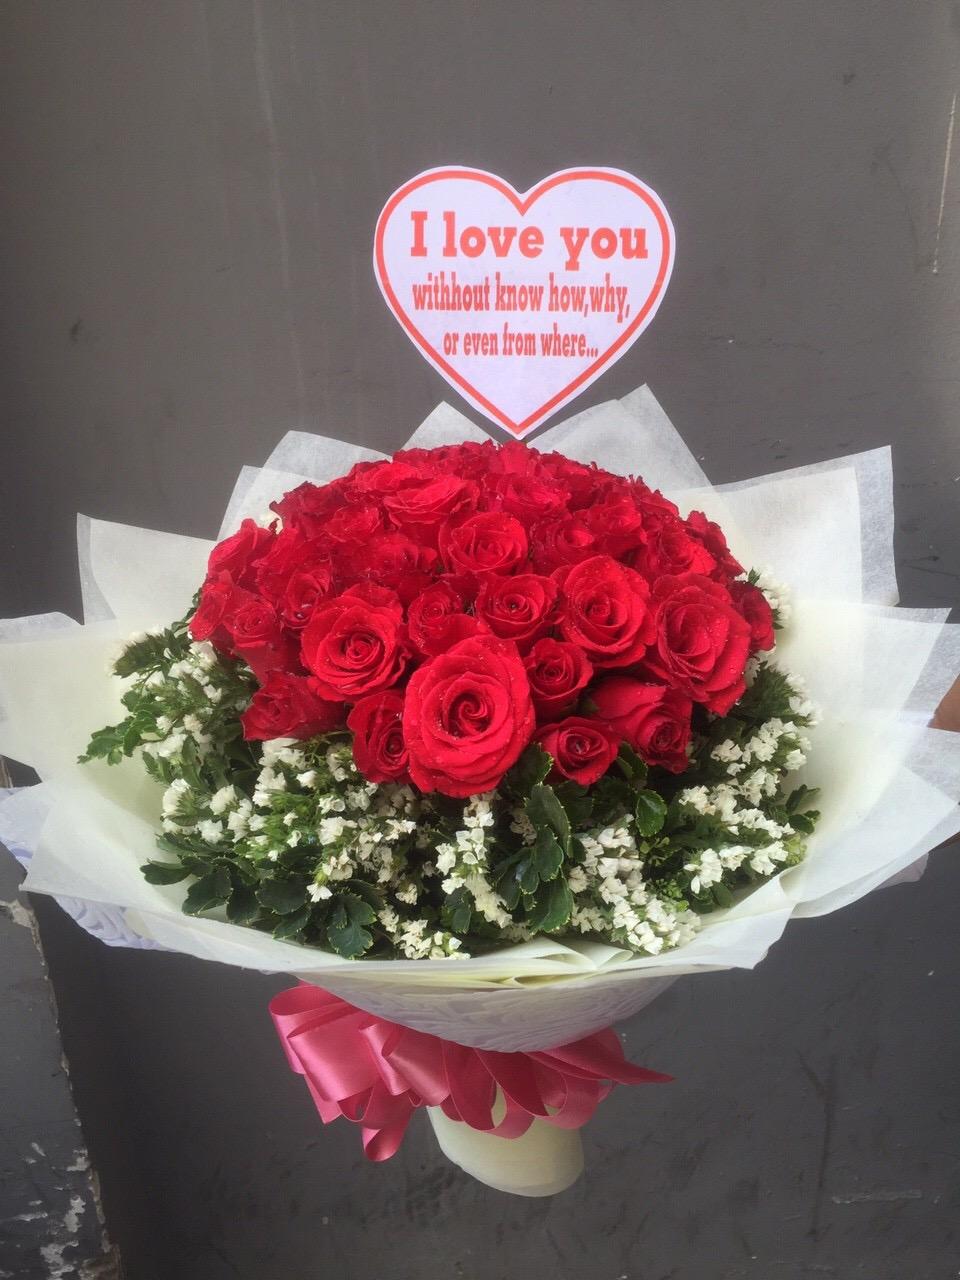 bó hoa tươi tình yêu vĩnh cửu dành cho các fan hâm mộ hoa hồng đỏ